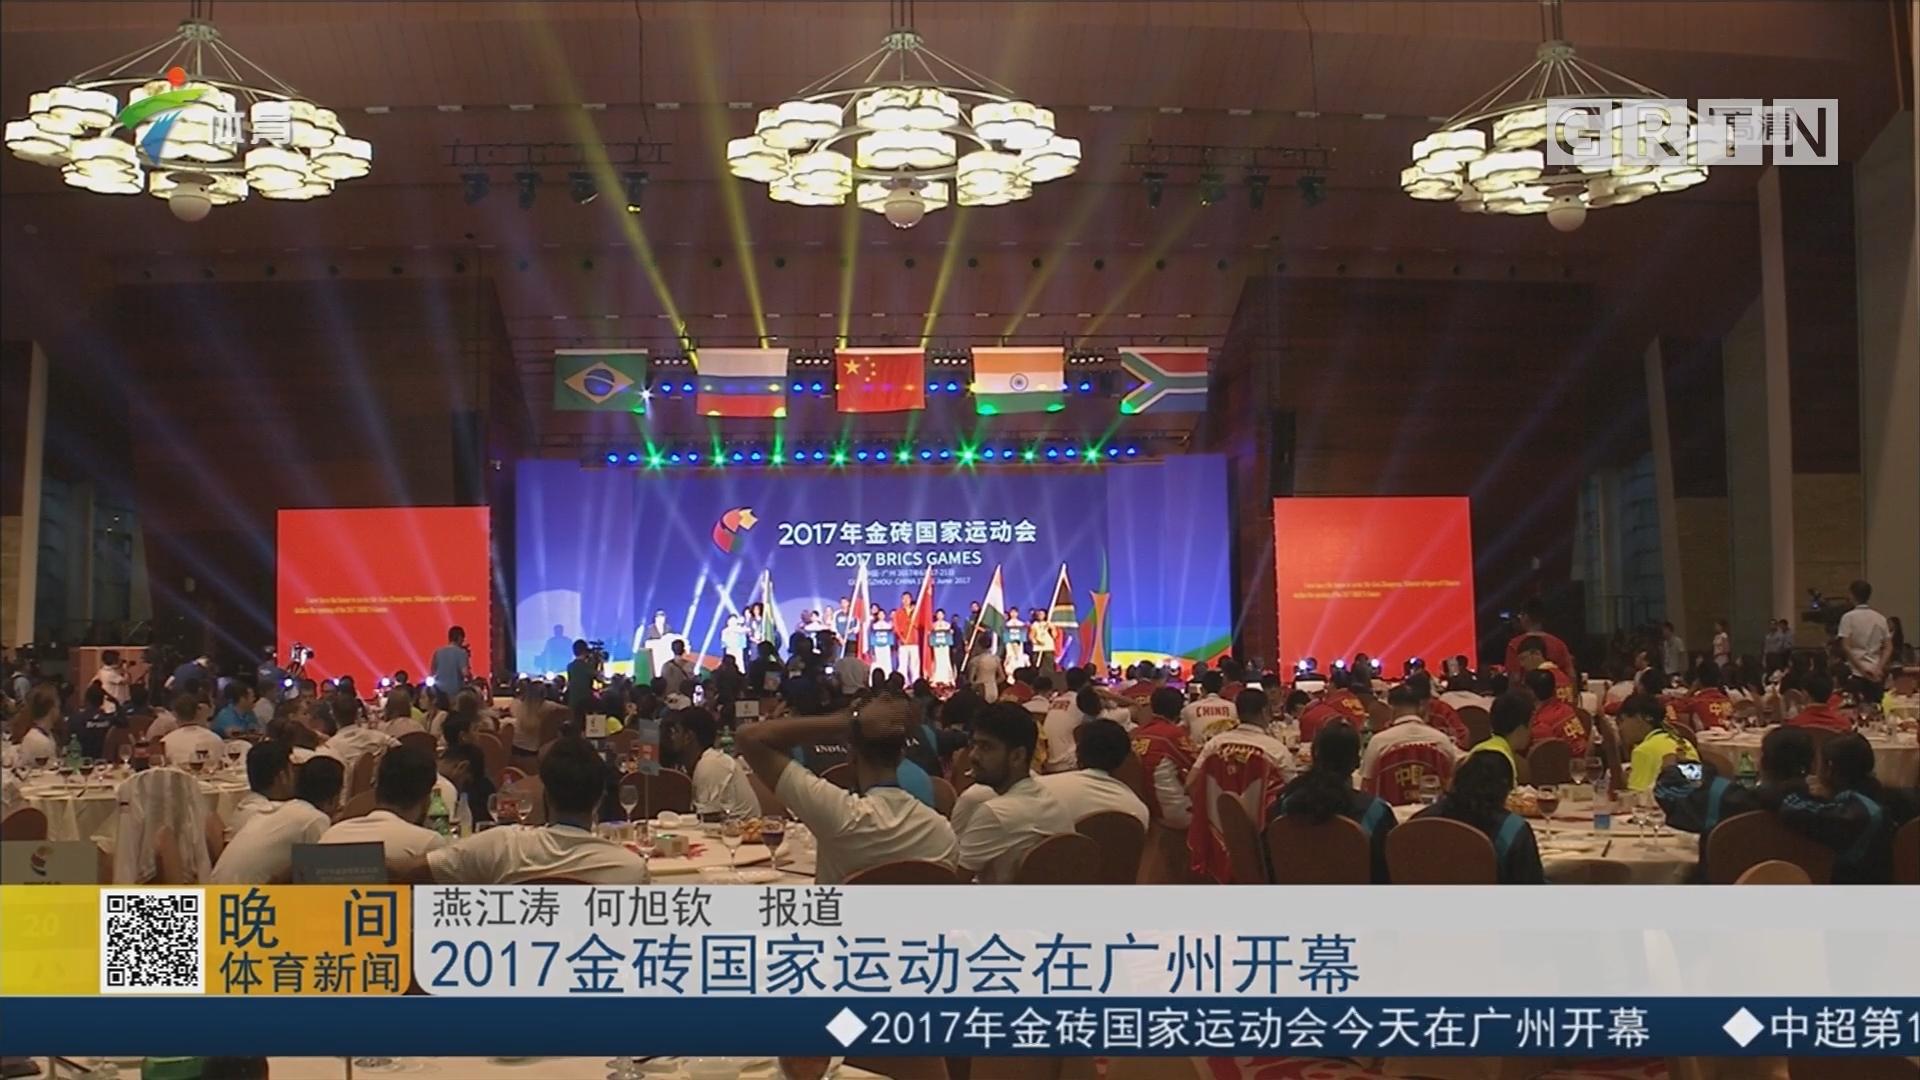 2017金砖国家运动会在广州开幕